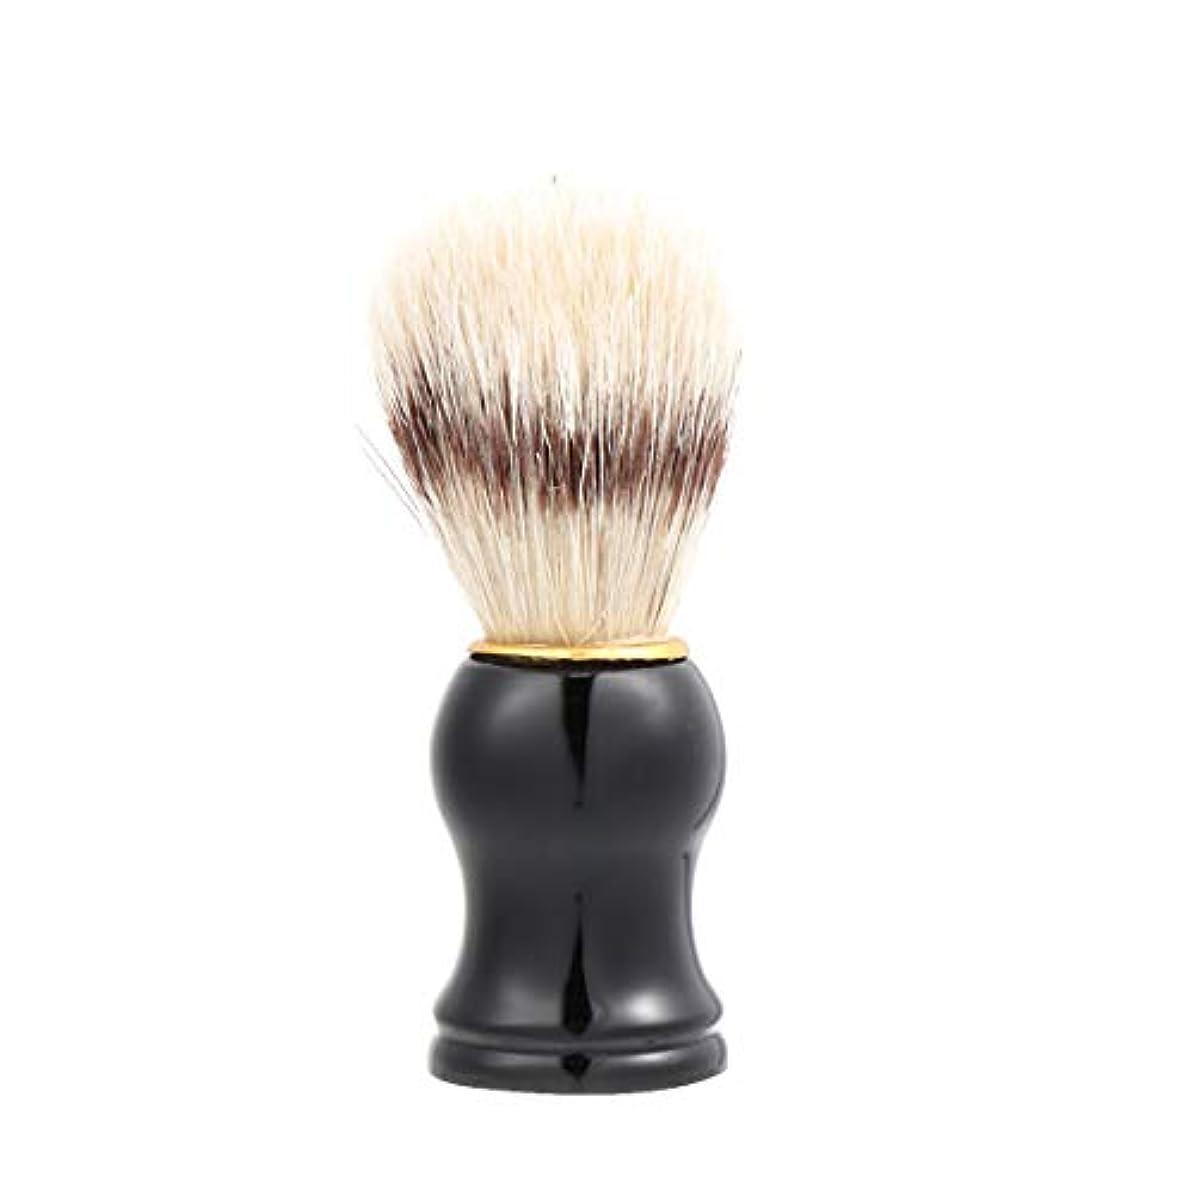 前部同情的勇気のあるLurrose 男性の剃毛ブラシ 毛髭ひげ 剃毛ブラシ ソフト フェイシャルケア ヘアクレンジングブラシ